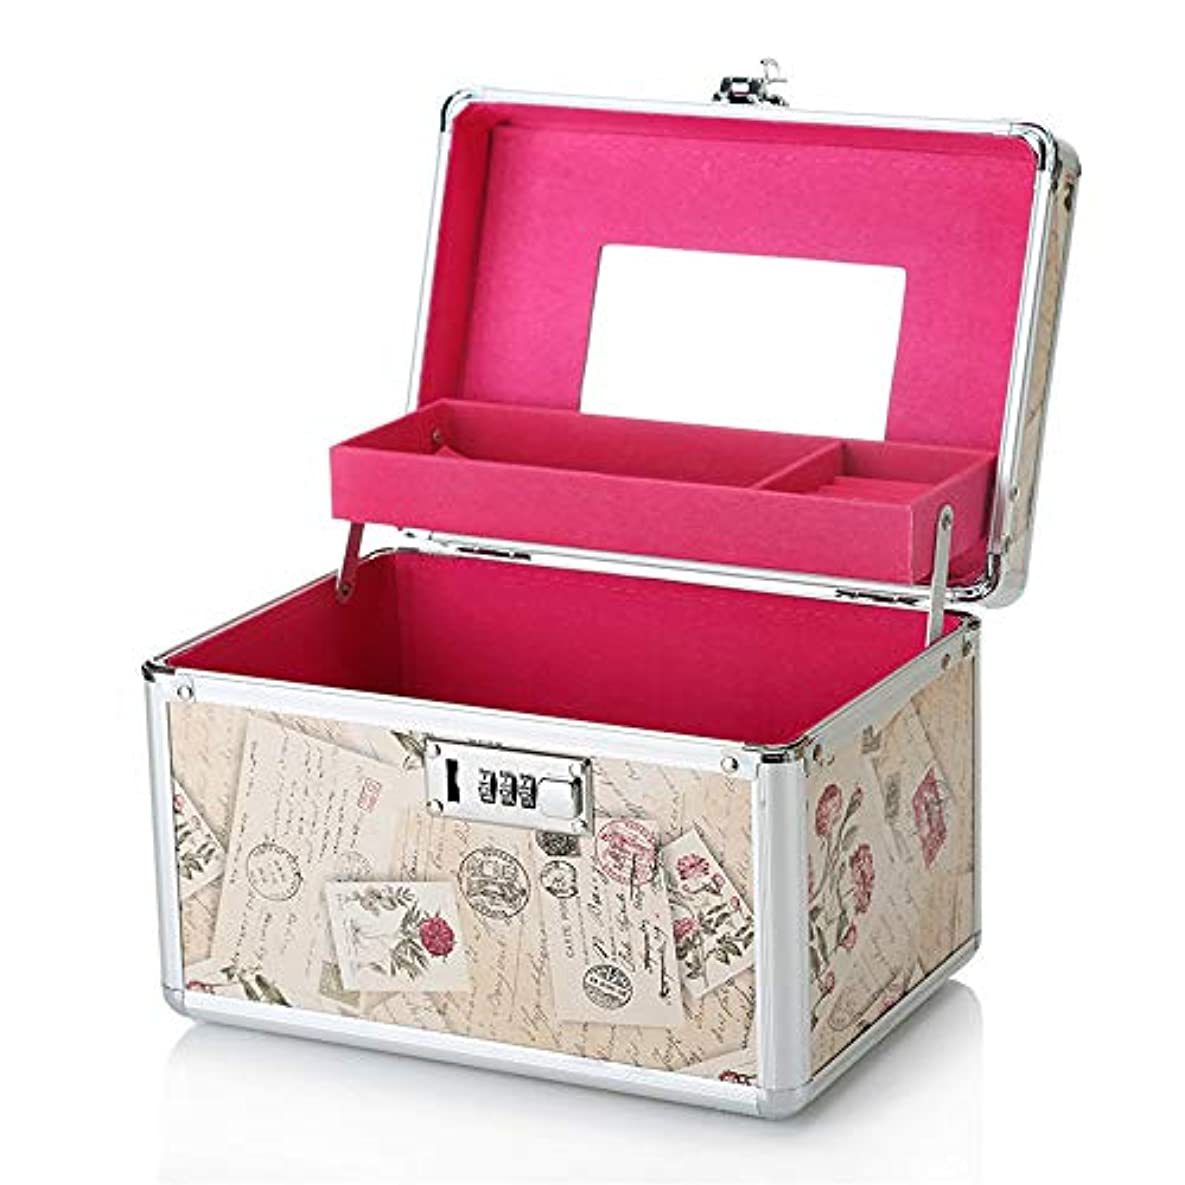 きつく縞模様の赤化粧オーガナイザーバッグ 化粧箱バニティロック可能な美容メイクアップネイルジュエリーポータブルケース収納ボックス 化粧品ケース